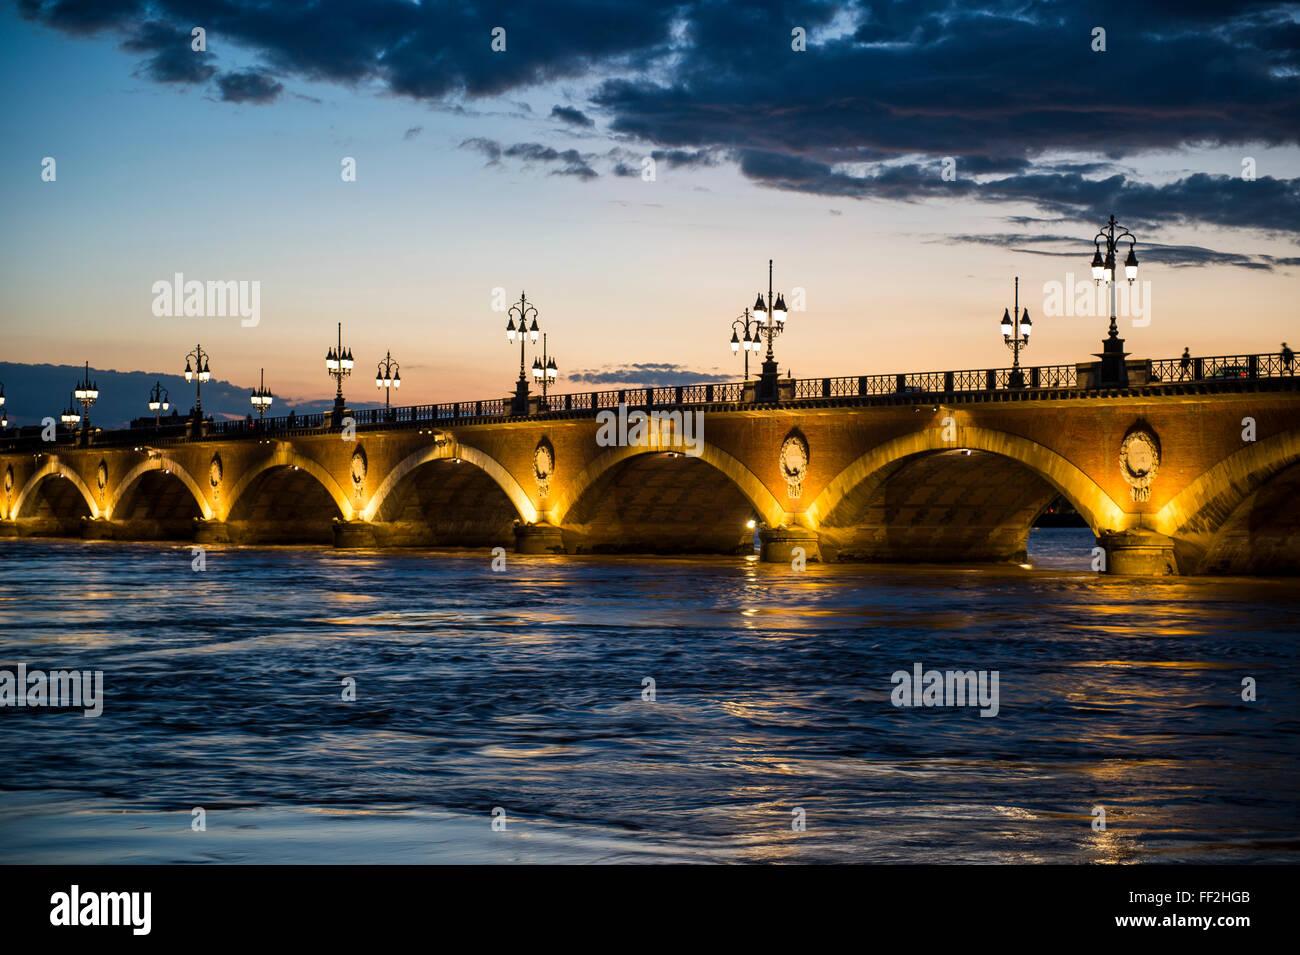 Historic bridge Pont de Pierre over the Garonne River at sunset, Bordeaux, Aquitaine, France, Europe - Stock Image